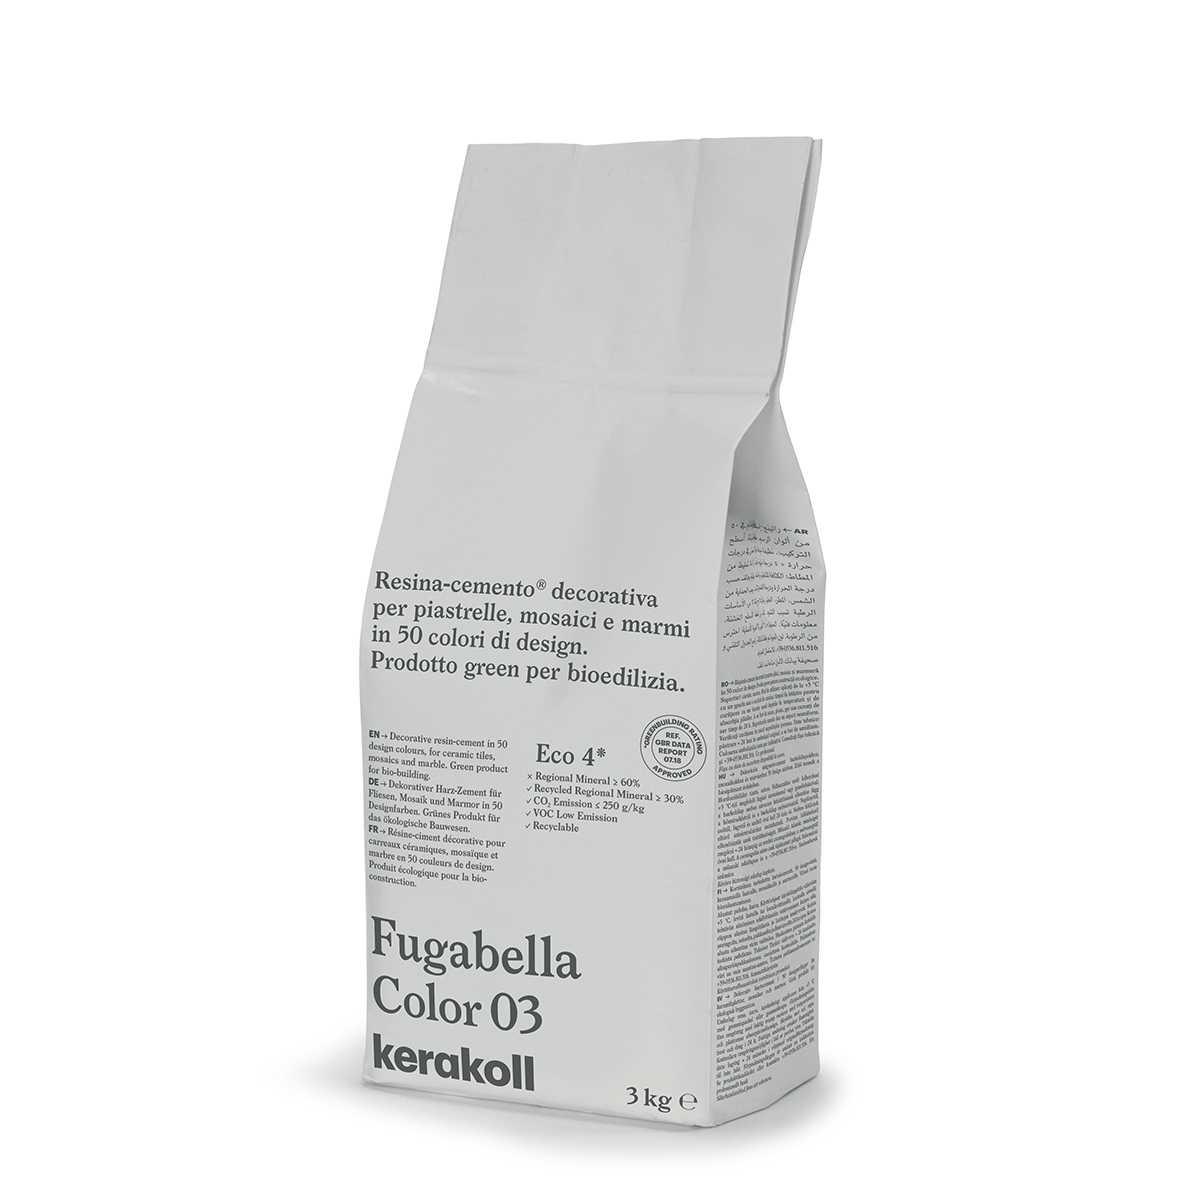 Kerakoll Fugabella Color 03 3kg stucco per fughe uso interno ed esterno